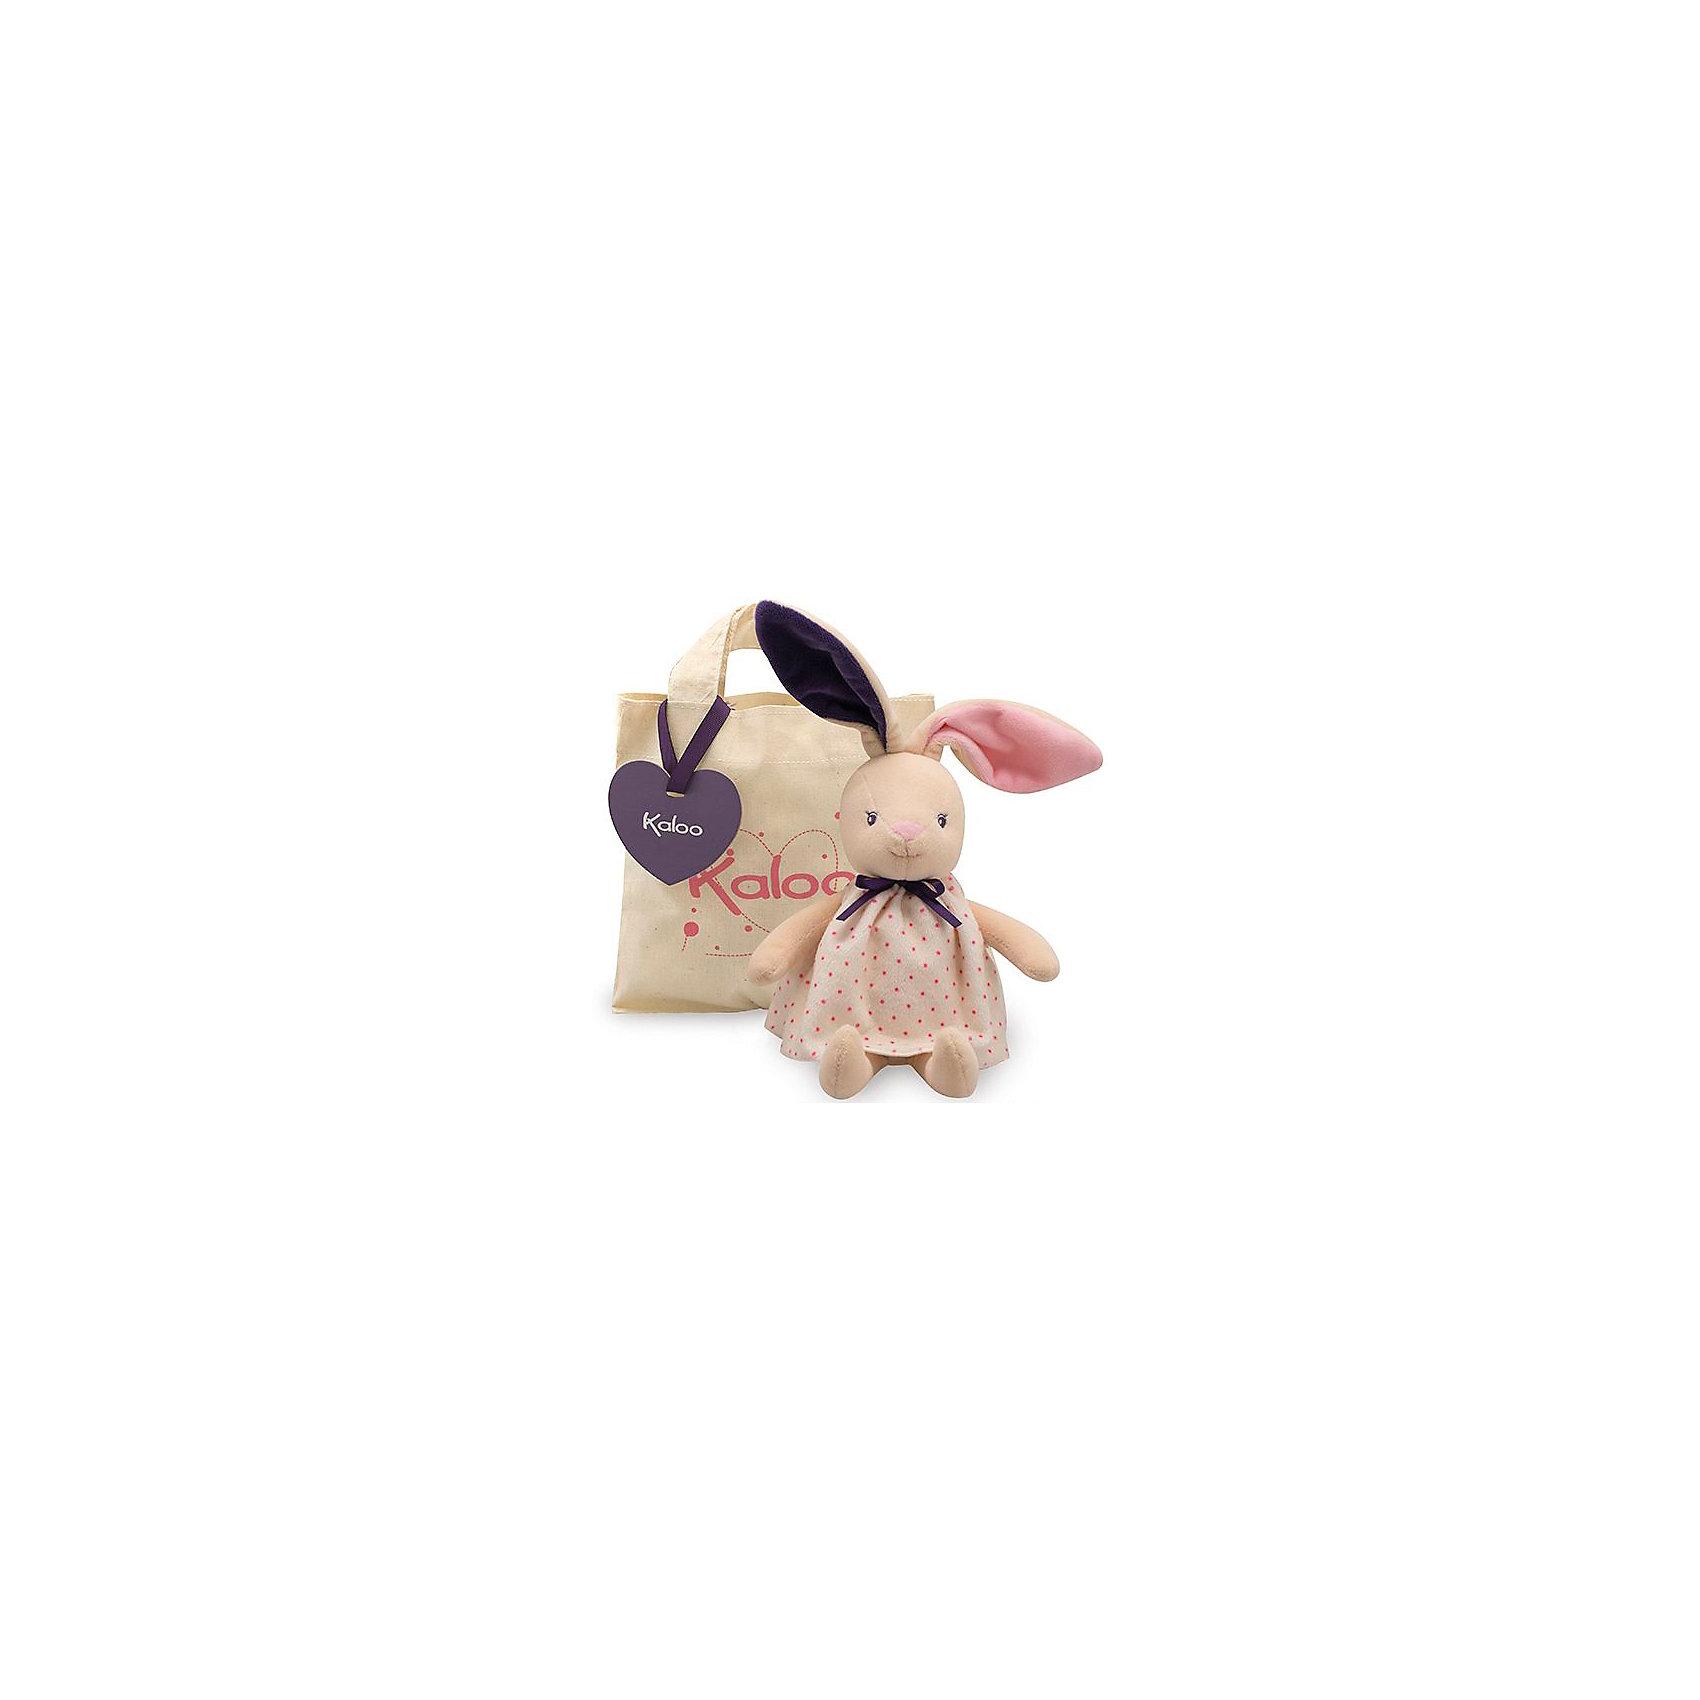 Заяц в сумочке, коллекция Розочка, KalooИгрушка Заяц в милом платье с бантиком станет любимой и интересной игрушкой для девочки. <br>В комплекте предусмотрена сумочка, для того чтобы ребенок никогда не расставался с любимым плющевым другом<br><br>Дополнительная информация:<br><br>-Материал: ткань, искусственный мех<br>-Высота игрушки: 28 см<br>-Вес: 0.3 кг<br>-Размер упаковки: 18х18 см<br><br>Зайца в сумочке, коллекции Розочка, Kaloo можно купить в нашем интернет-магазине.<br><br>Ширина мм: 200<br>Глубина мм: 40<br>Высота мм: 250<br>Вес г: 400<br>Возраст от месяцев: 0<br>Возраст до месяцев: 1188<br>Пол: Унисекс<br>Возраст: Детский<br>SKU: 4862348